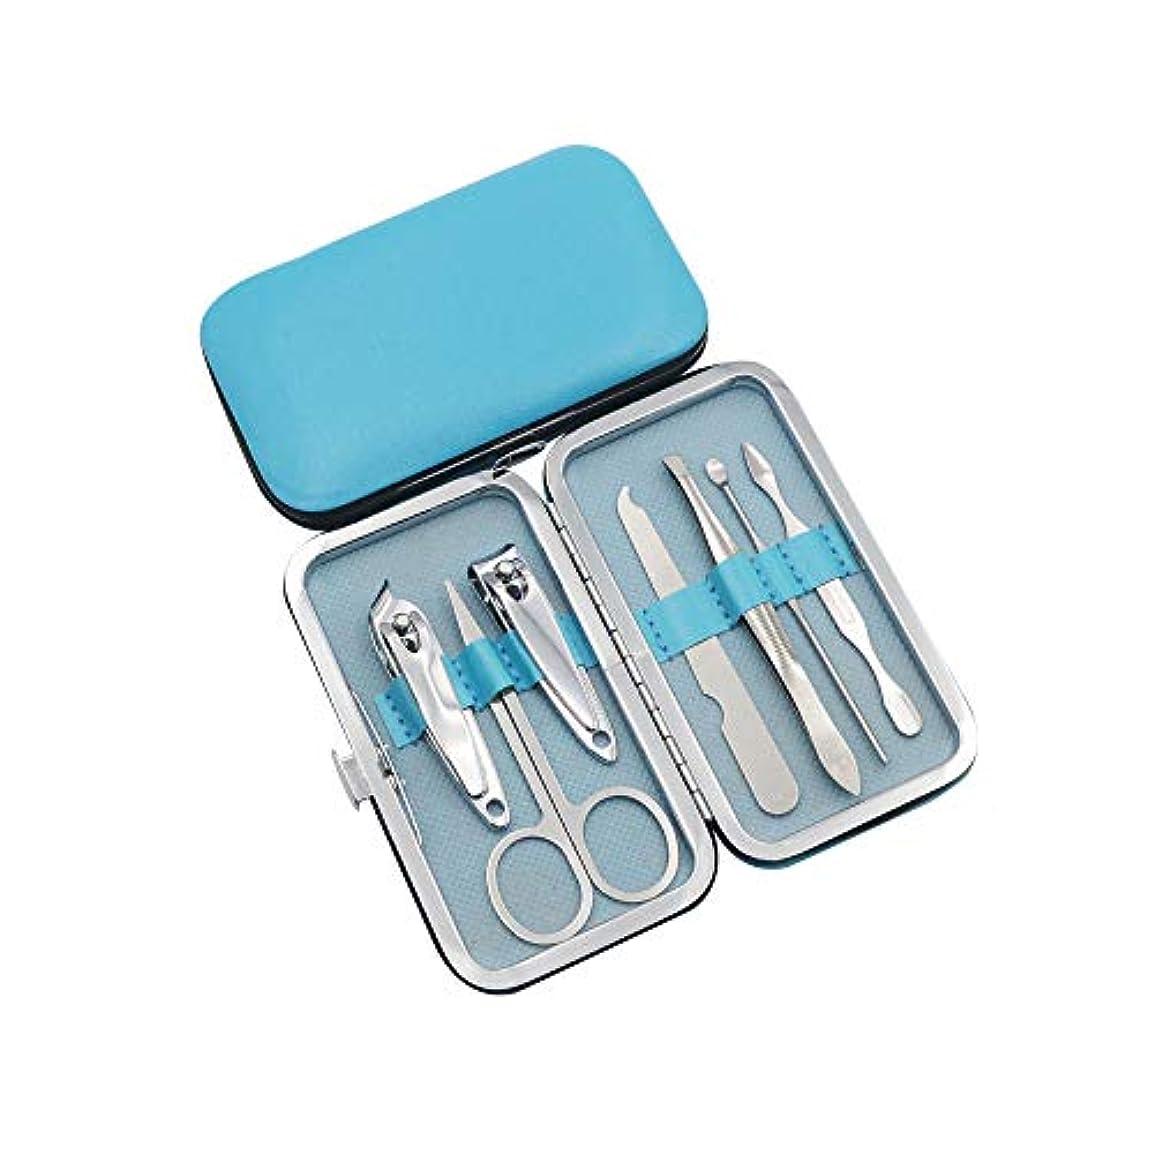 知るエラーぶどうステンレス製爪切りセットネイルケアセット旅行用 家庭用 贈り物爪切りセット、7点セット